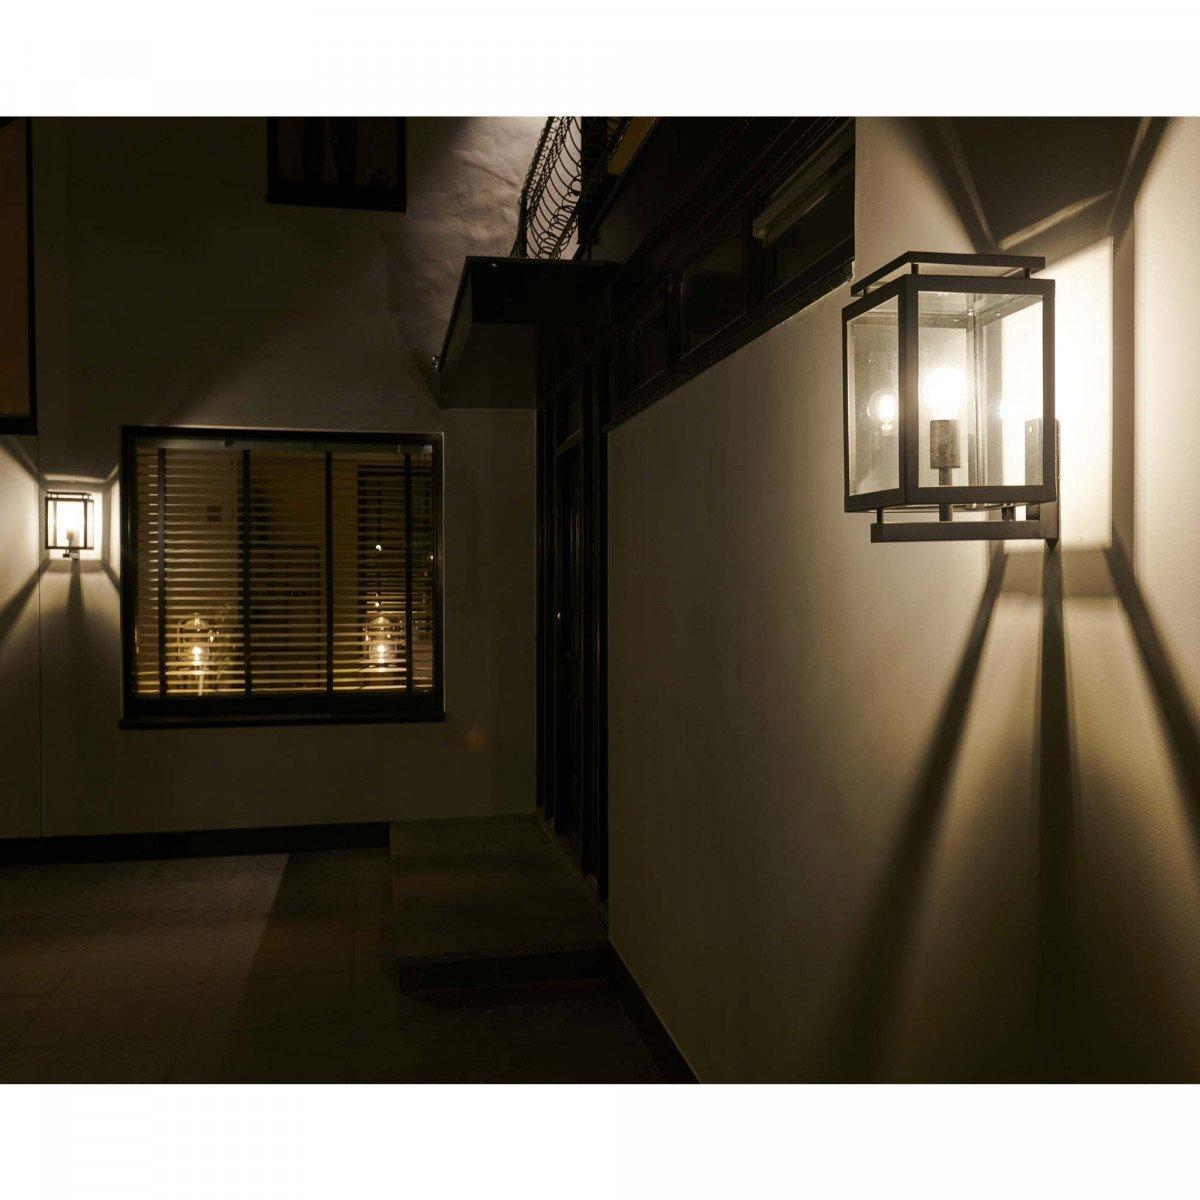 Buitenlamp De Vecht zwarte RVS buitenlamp voor aan de gevel, moderne strakke wand buitenverlichting